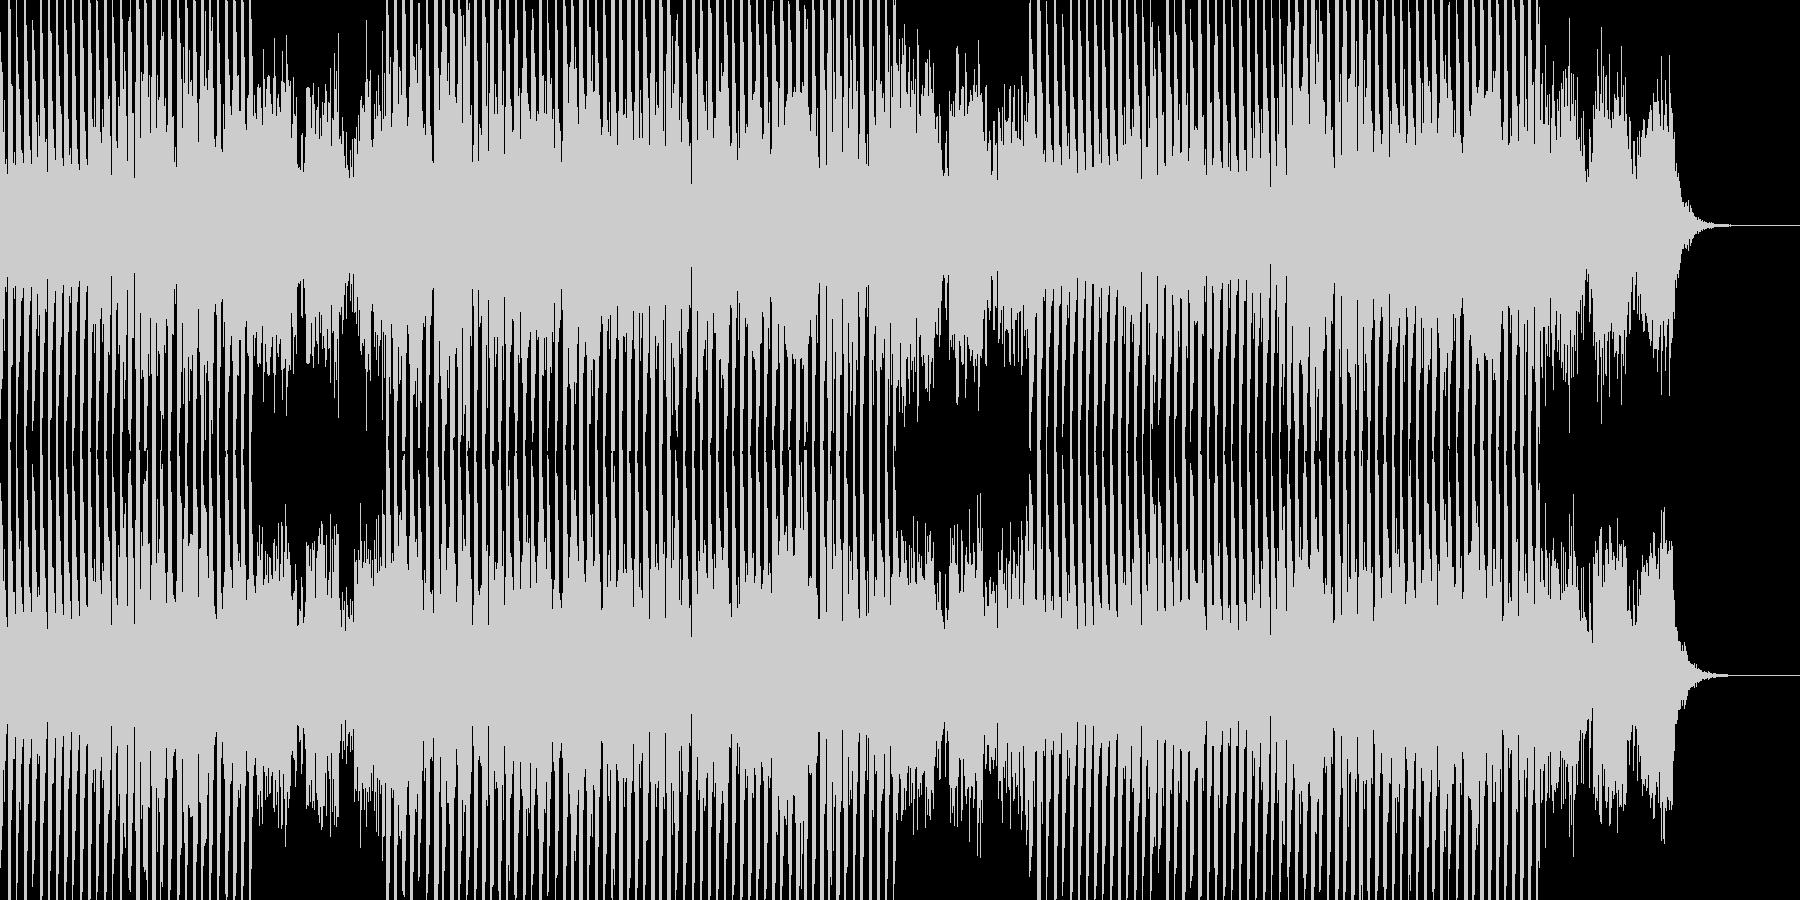 おおらか(自然)な癖の少ないサウンドの未再生の波形